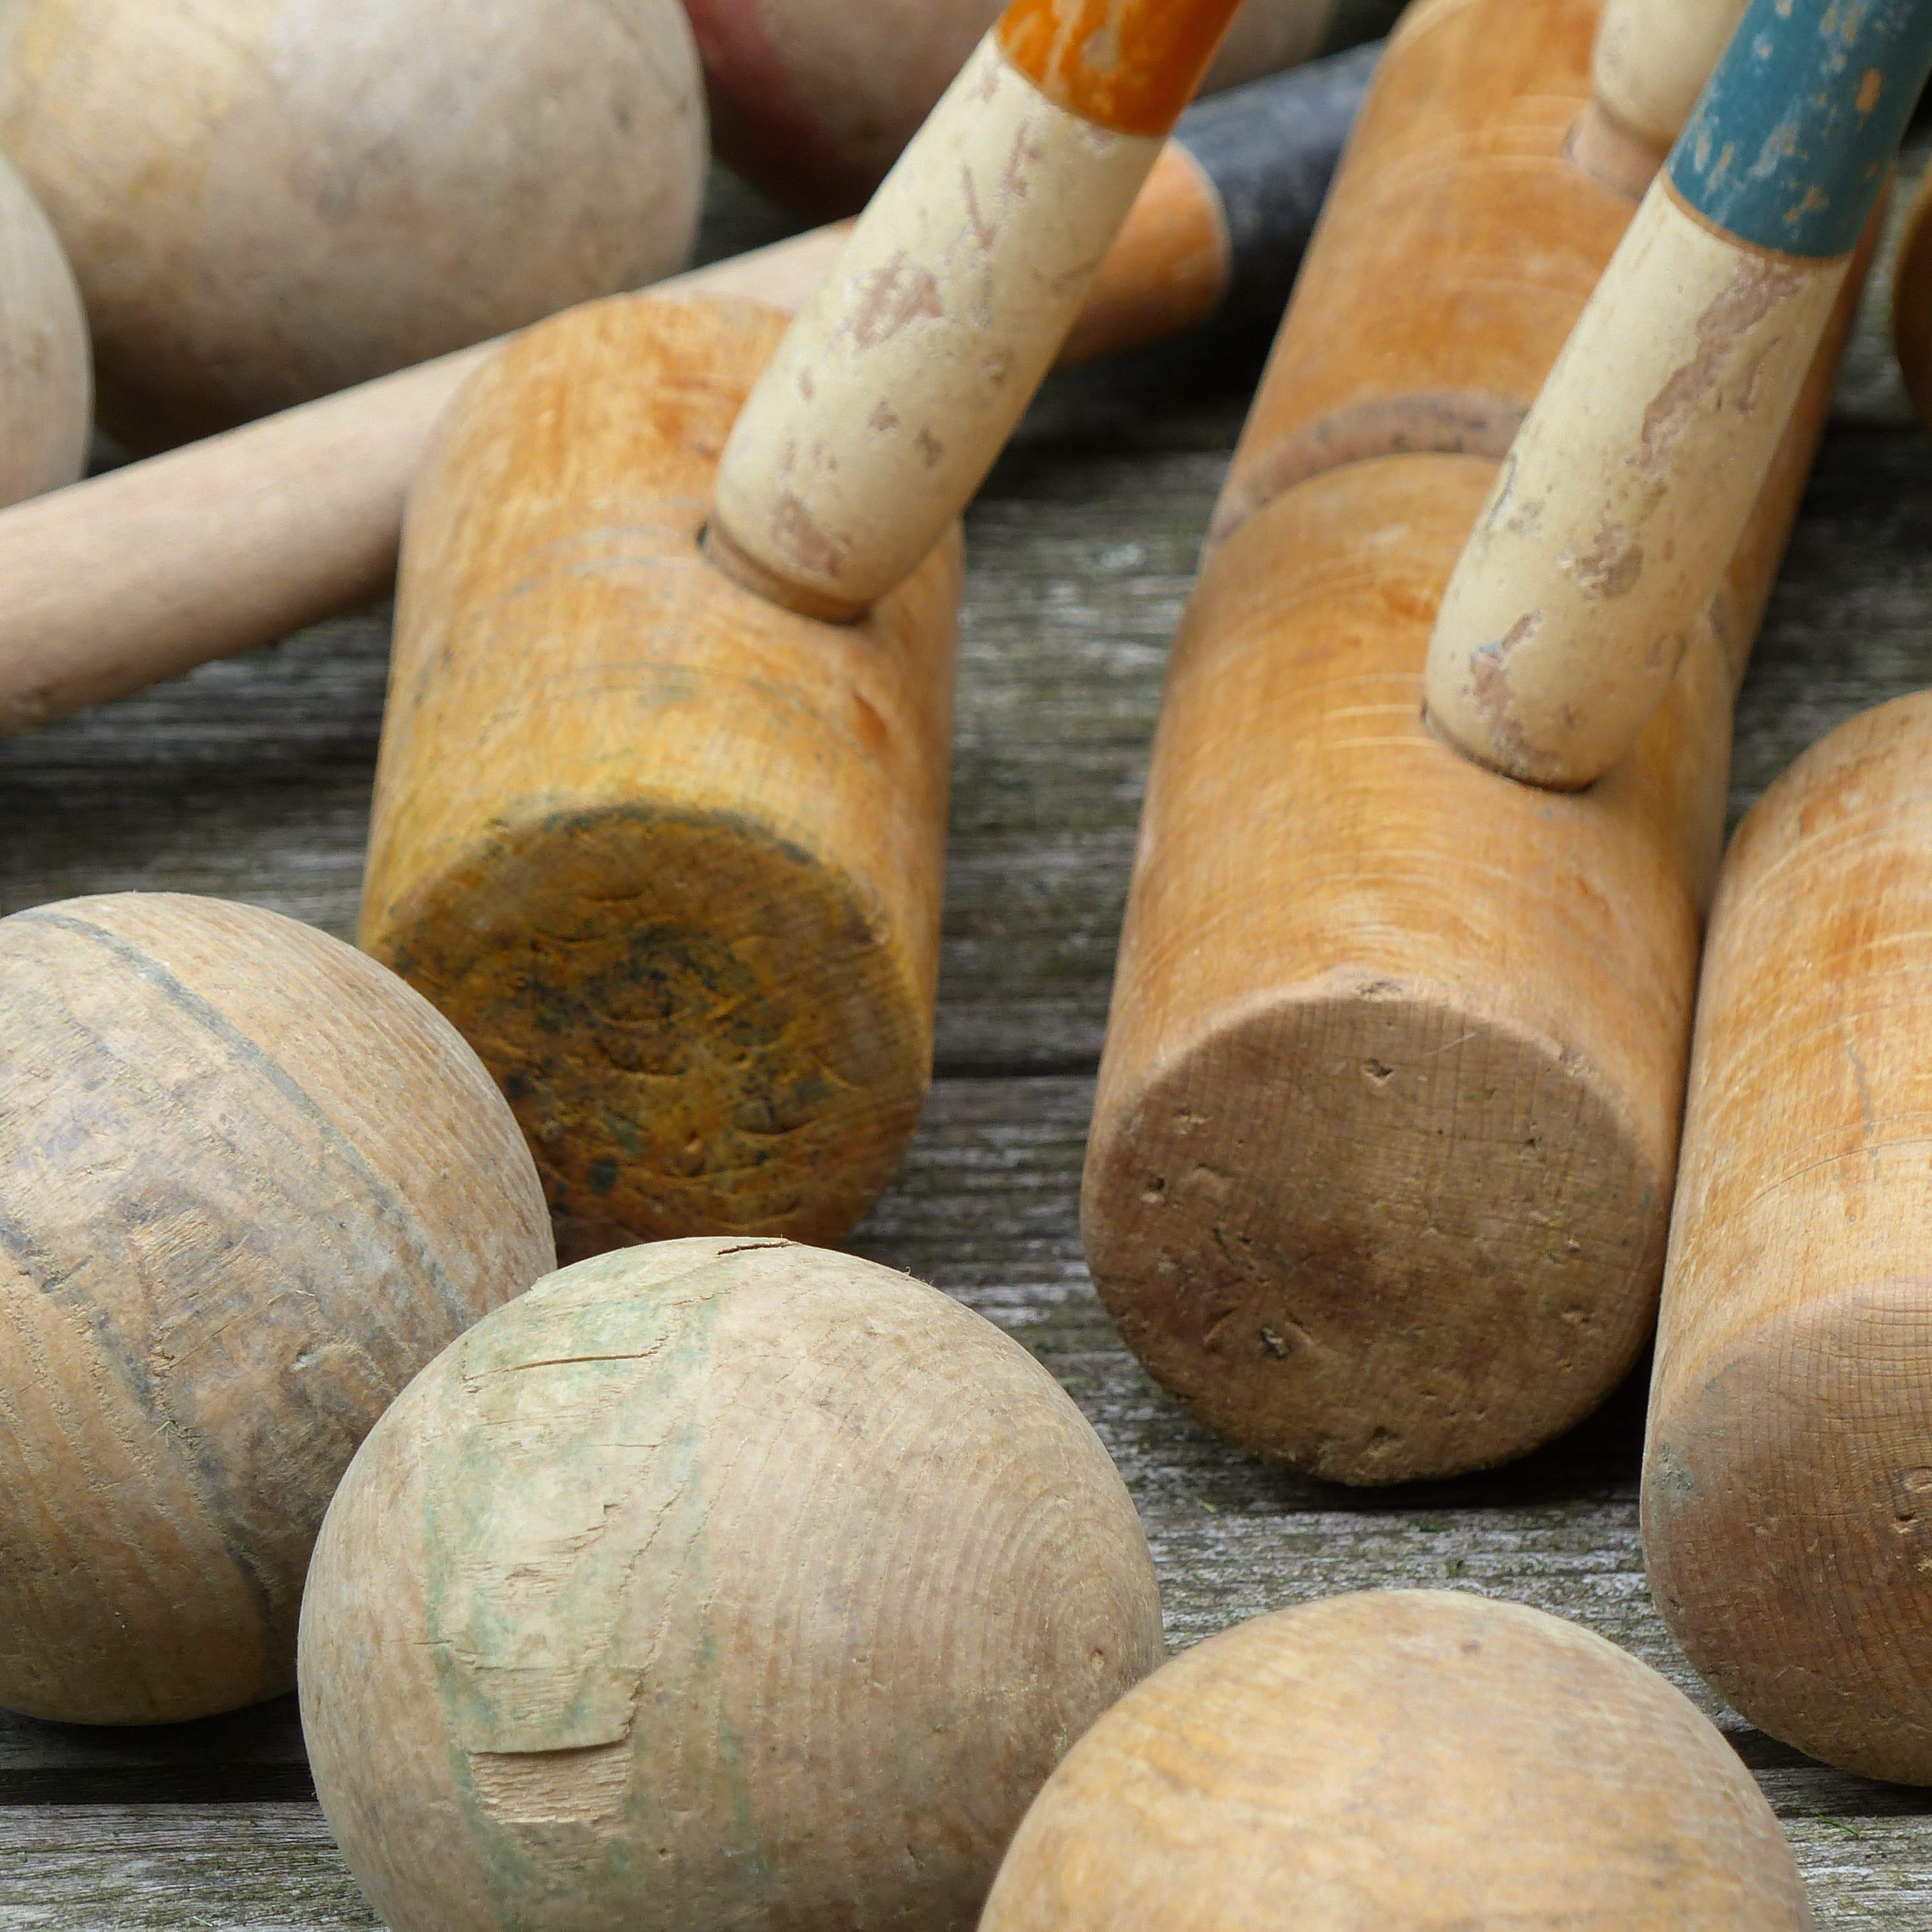 Ancien jeu de croquet en bois  lignedebrocante brocante  ~ Jeu En Bois Ancien